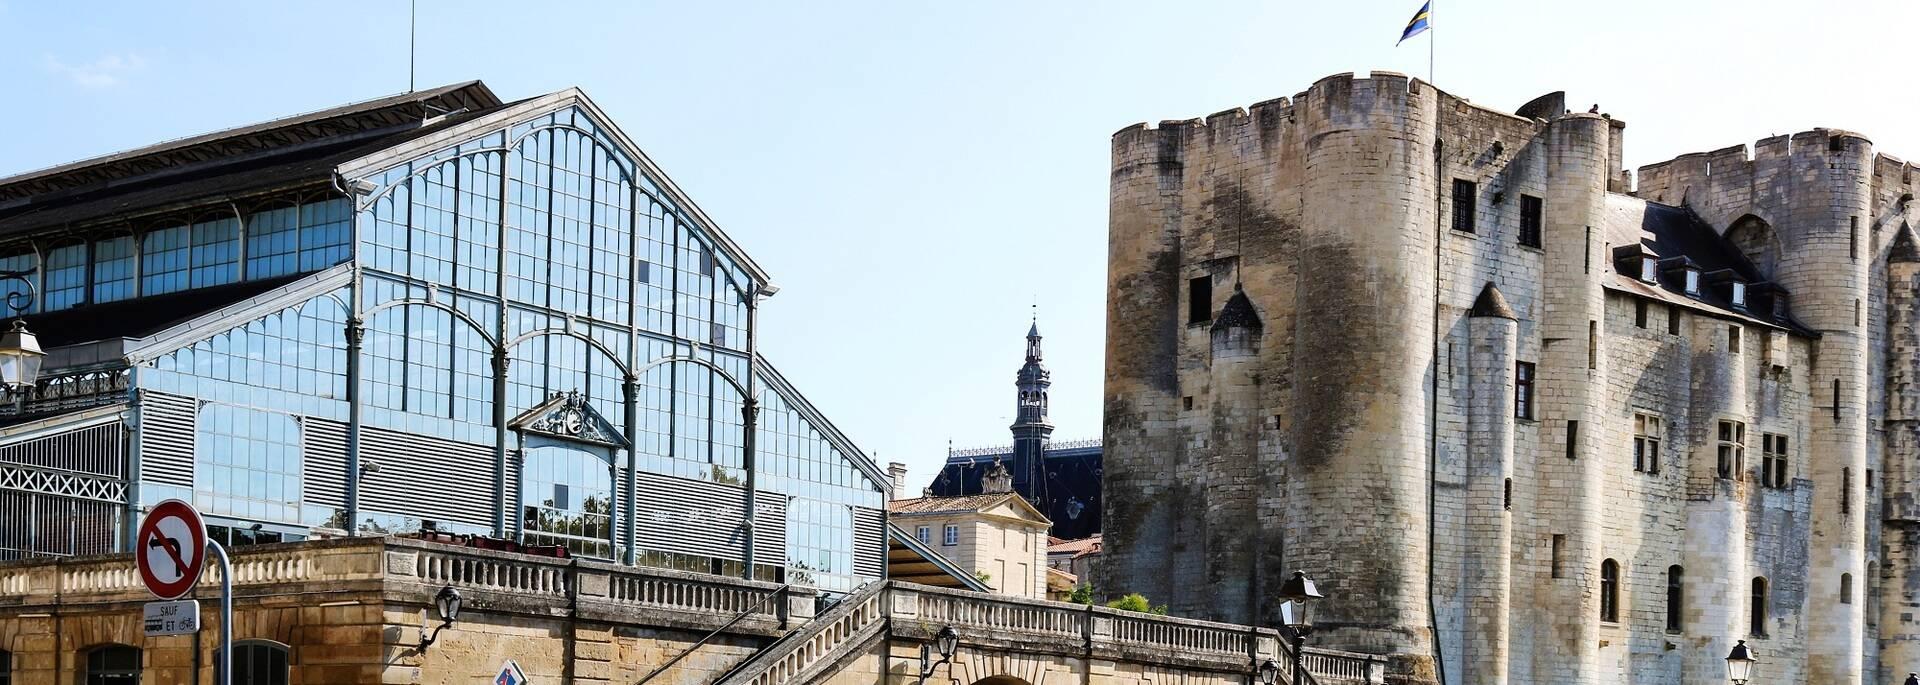 Les Halles et le Donjon de Niort - ©Shutterstock